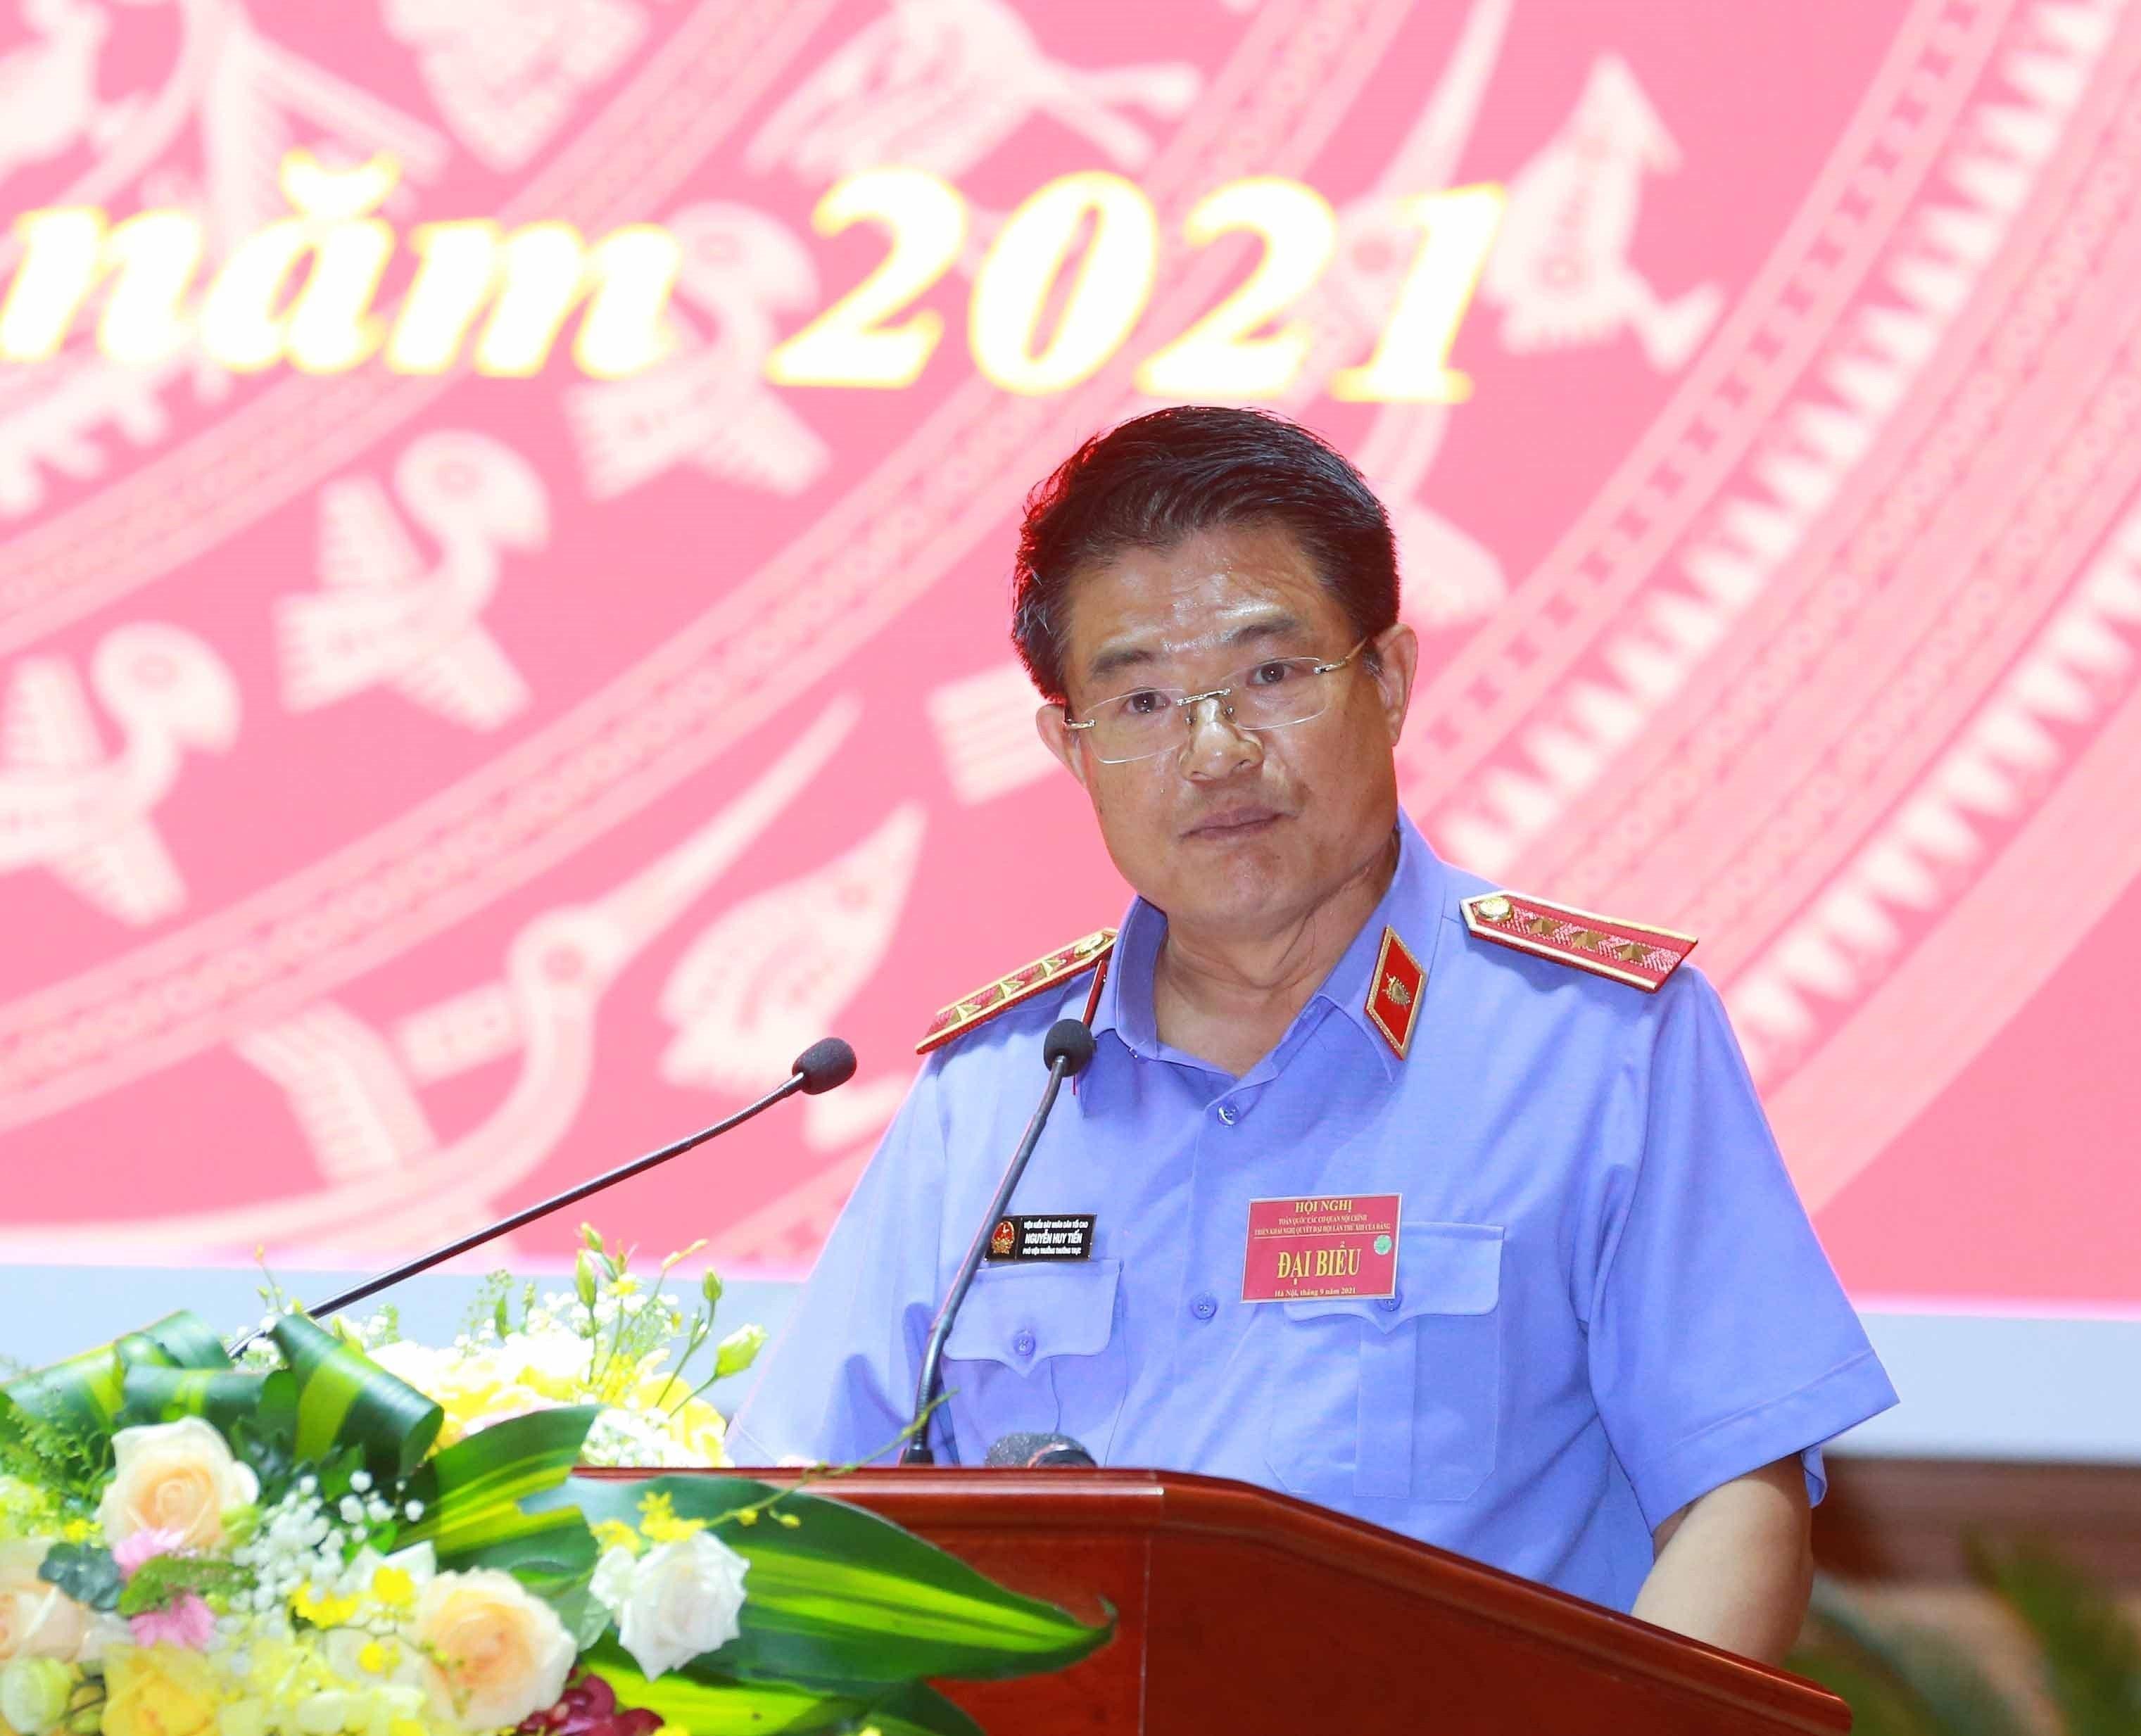 [Photo] Tong Bi thu chu tri Hoi nghi toan quoc cac co quan noi chinh hinh anh 10